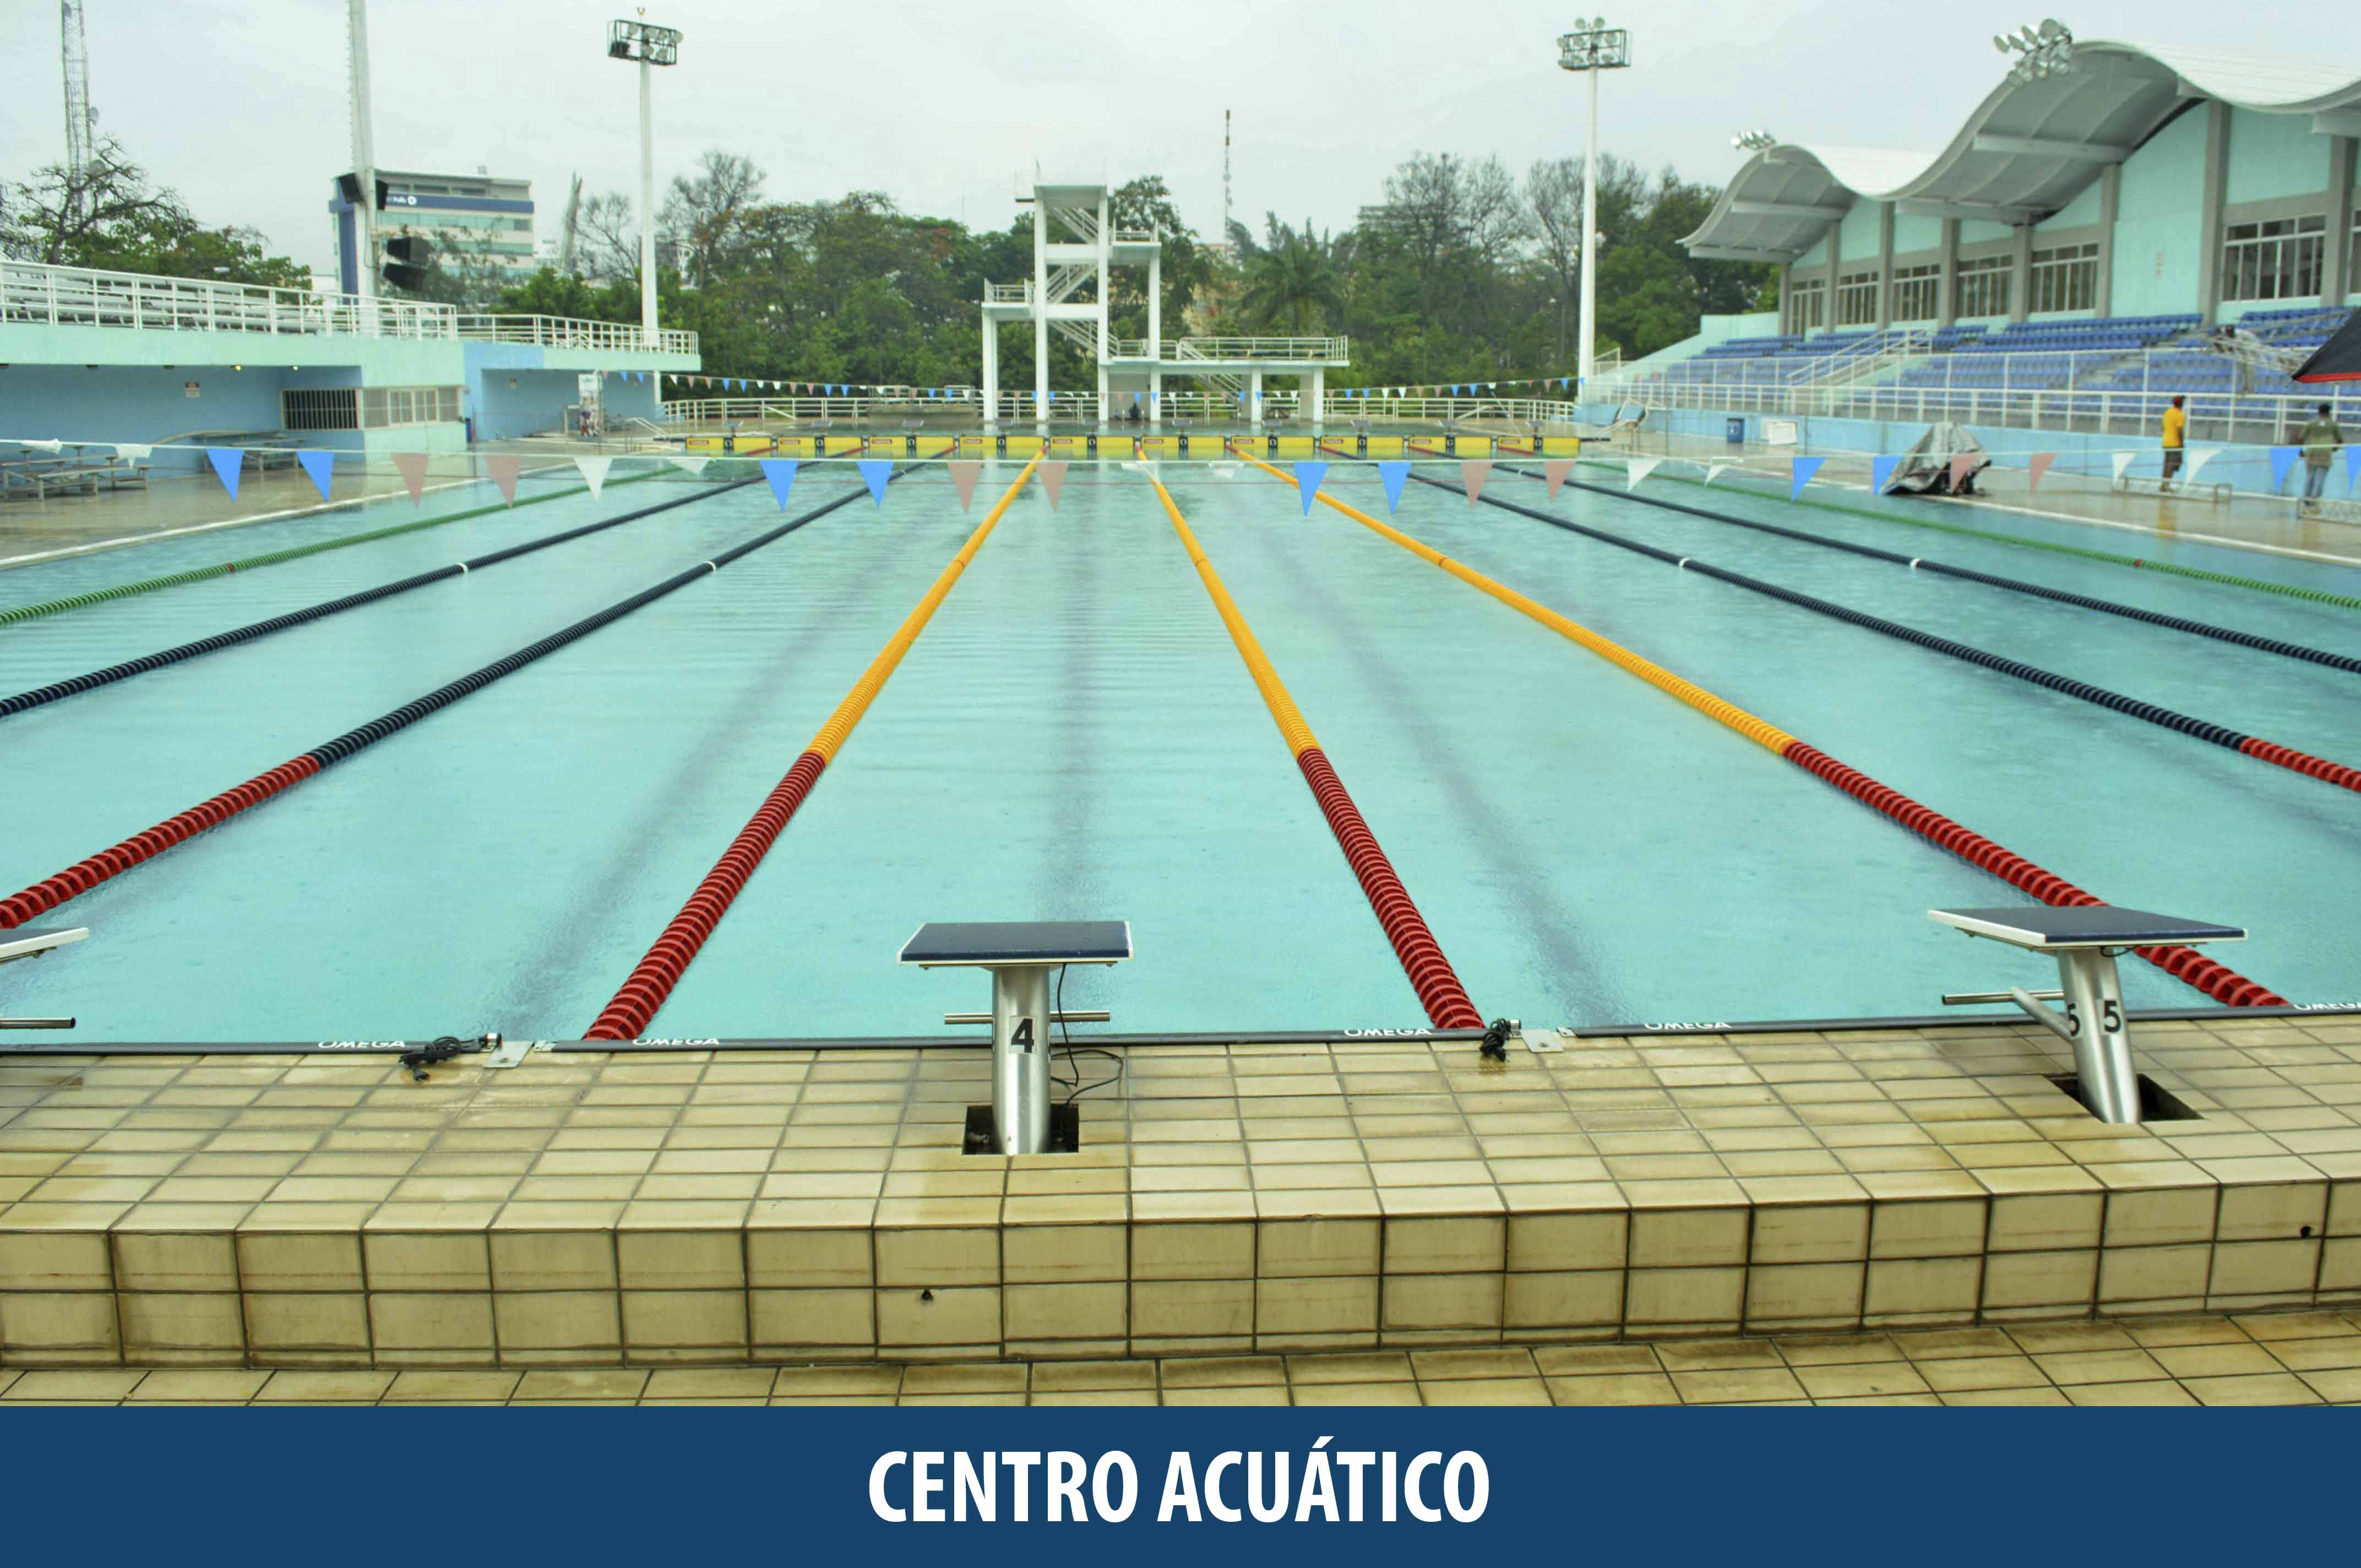 centro-acuatico